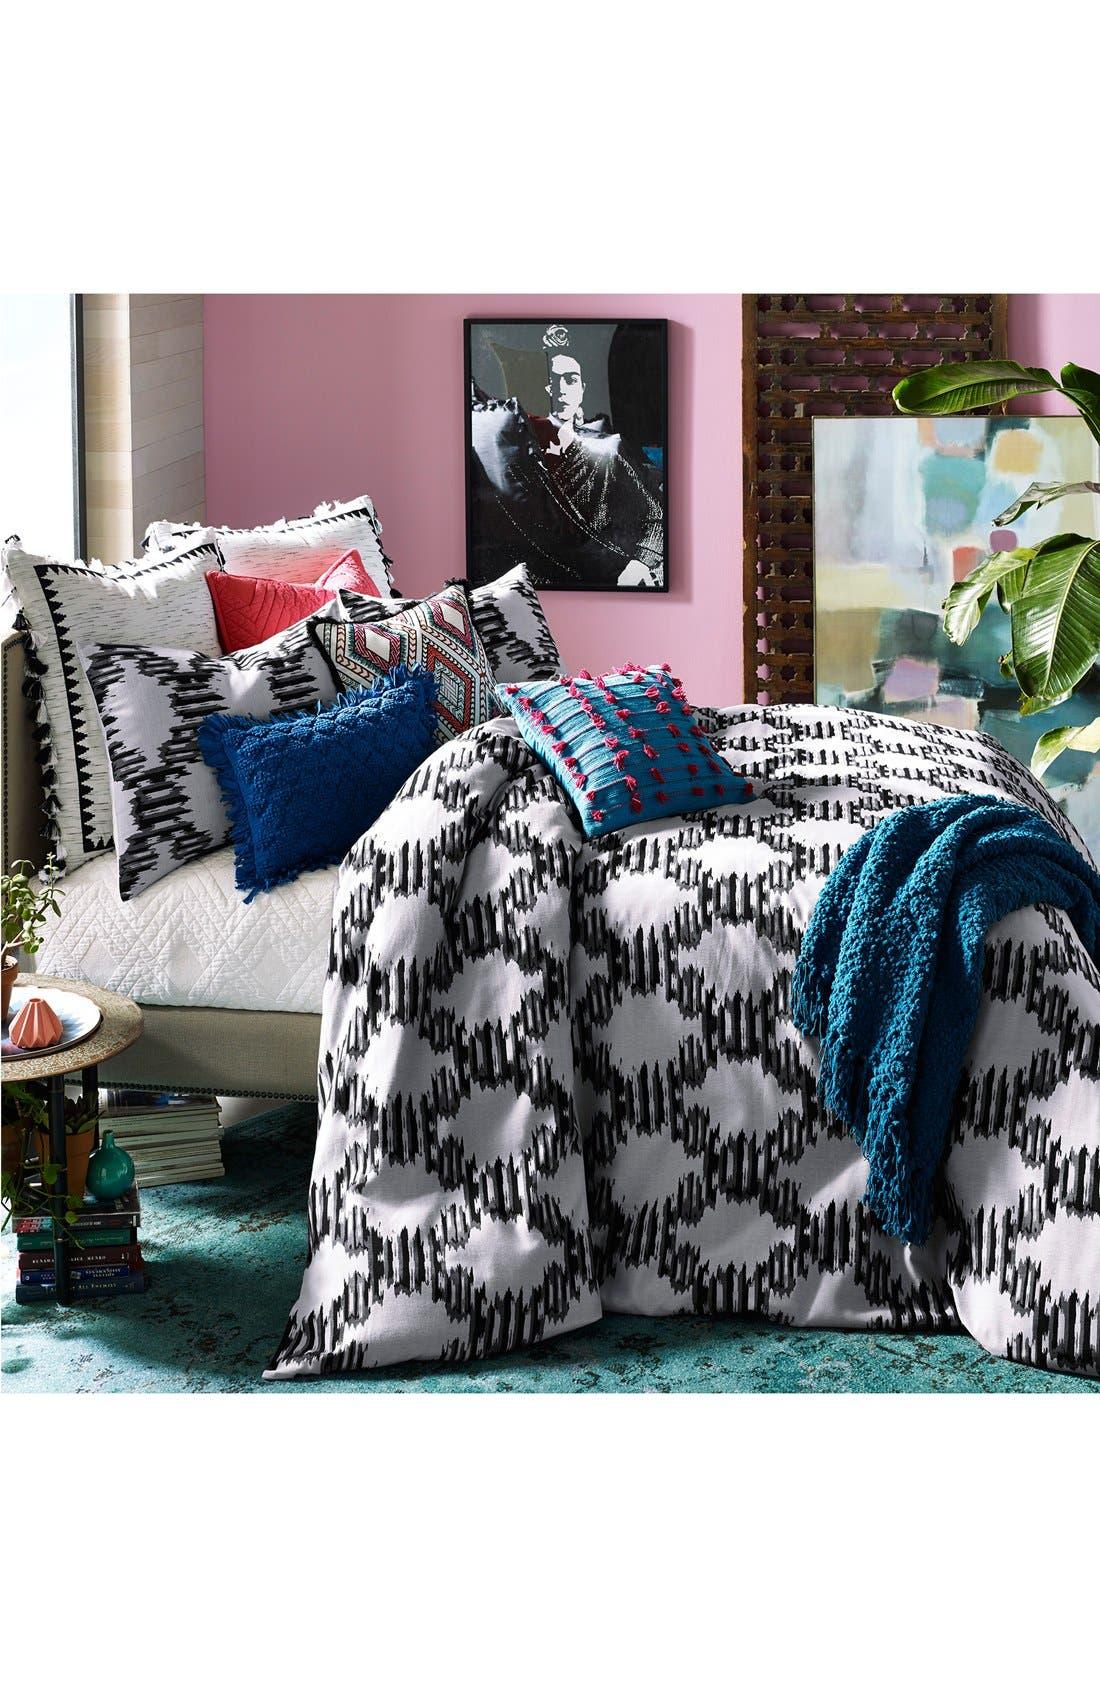 Alternate Image 1 Selected - Blissliving Home Zocalo Duvet Cover & Sham Set